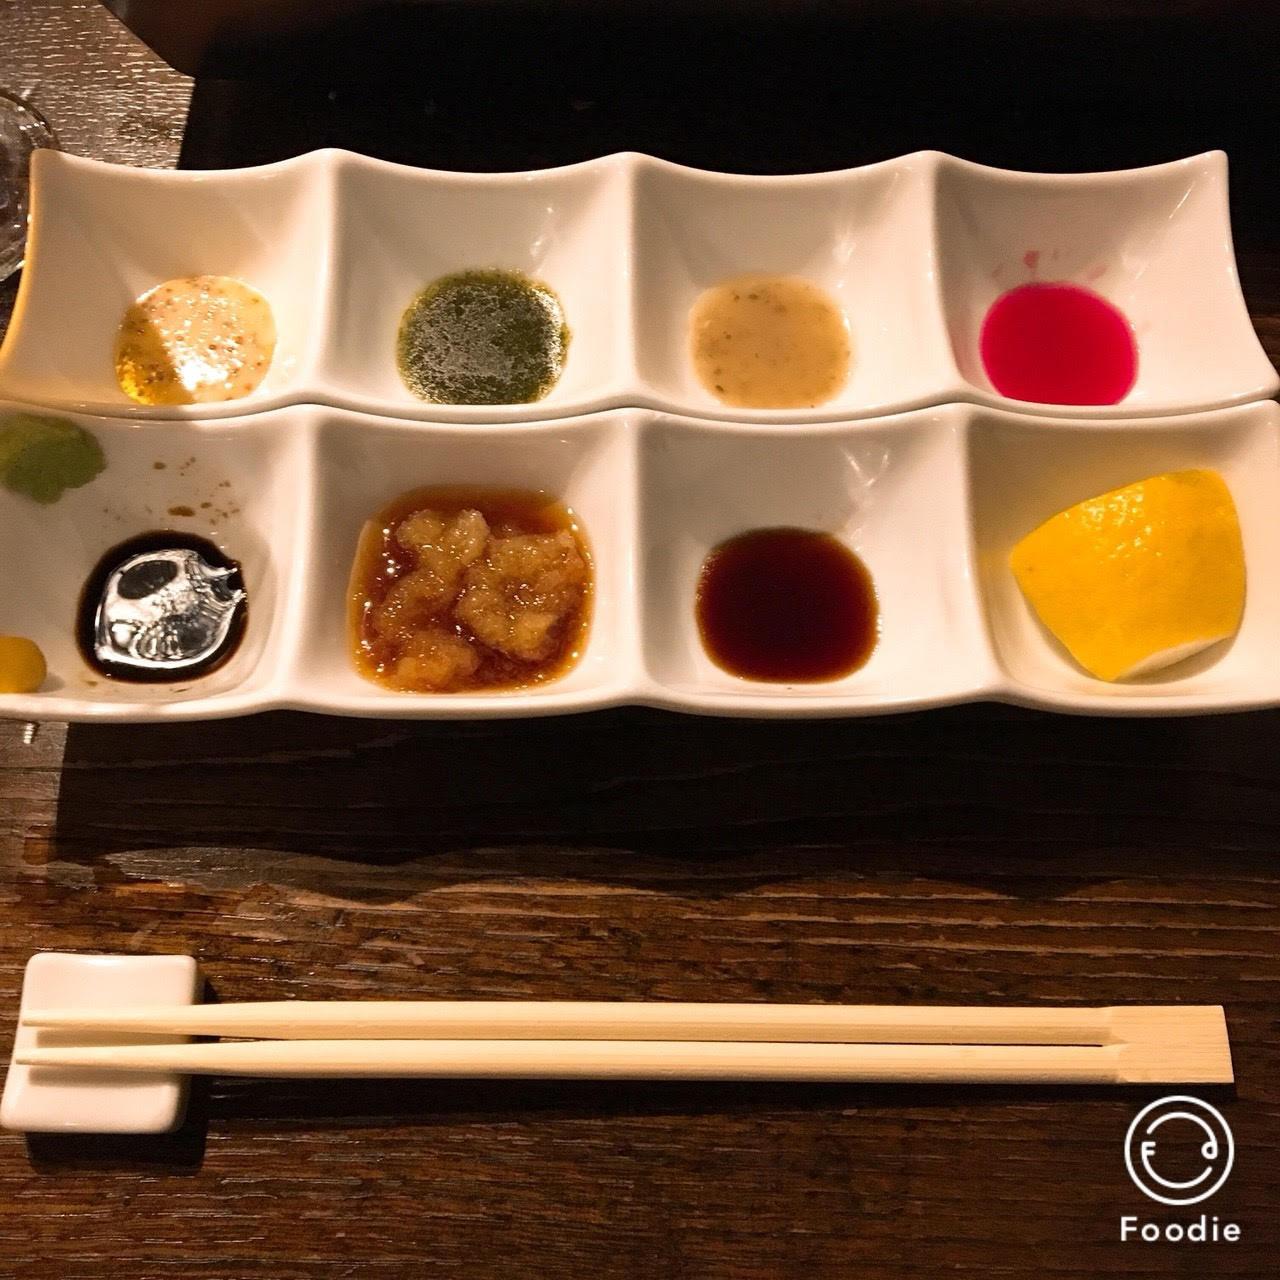 恵比寿ニクアザブの8種類のタレの画像